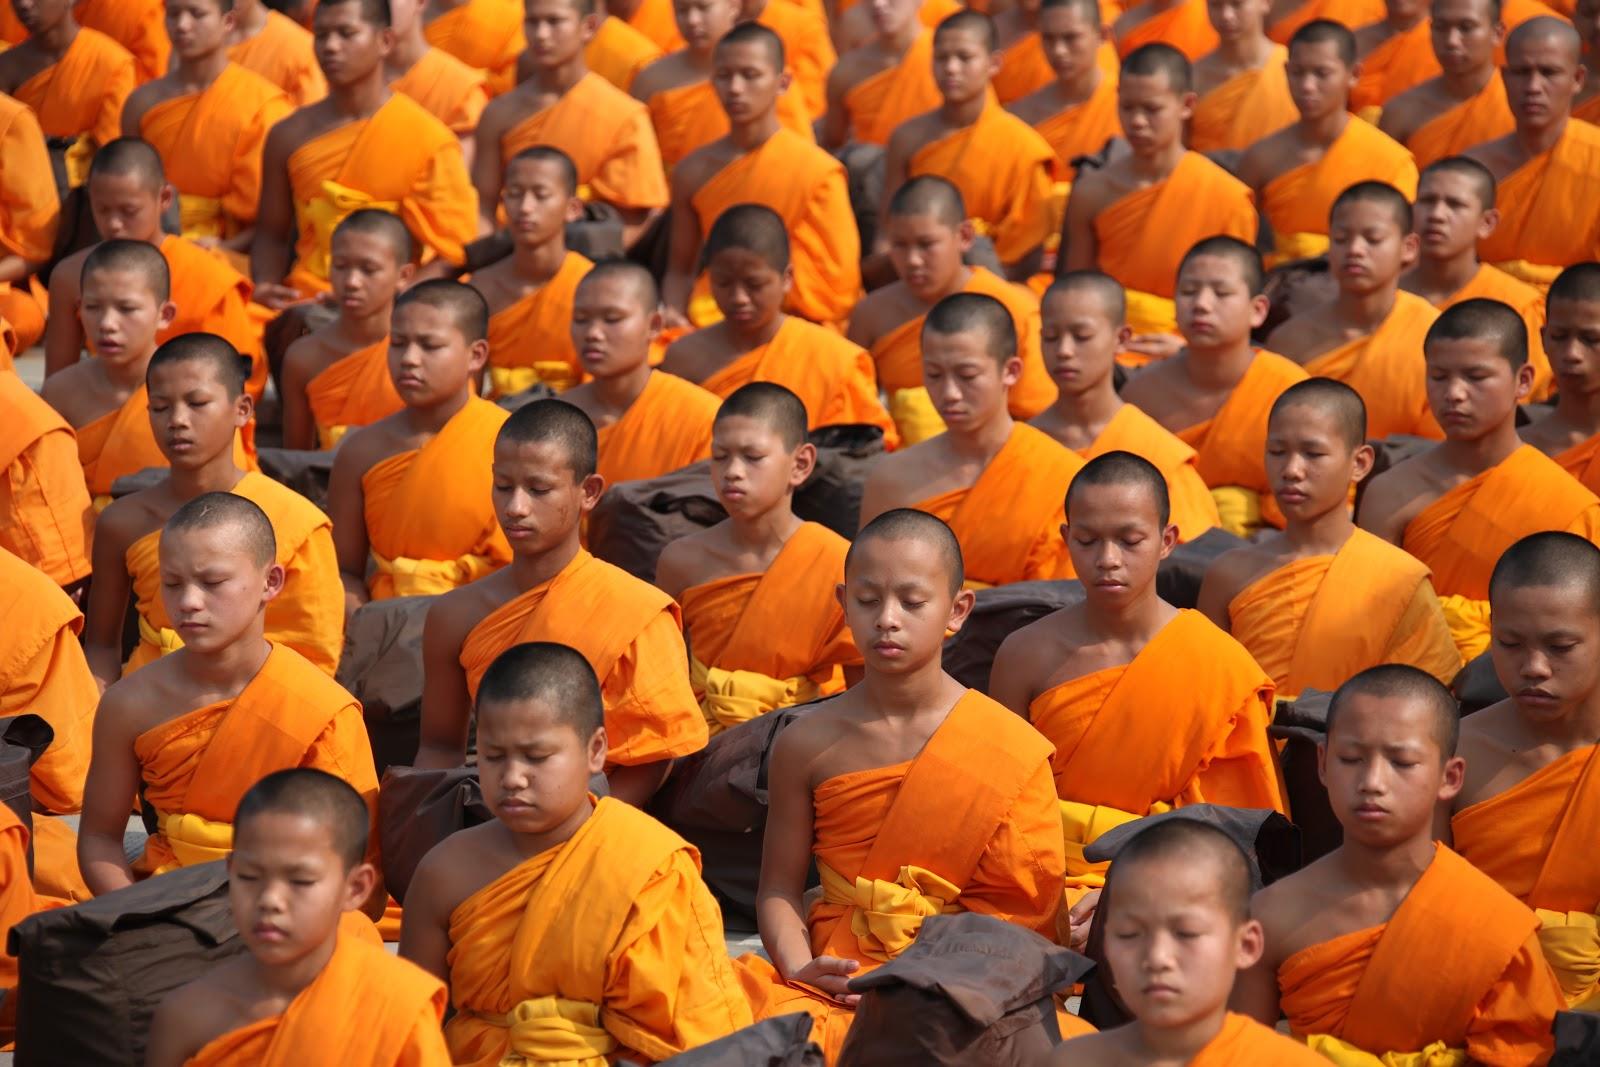 オレンジの僧衣を着て瞑想するタイ人の仏教徒たち